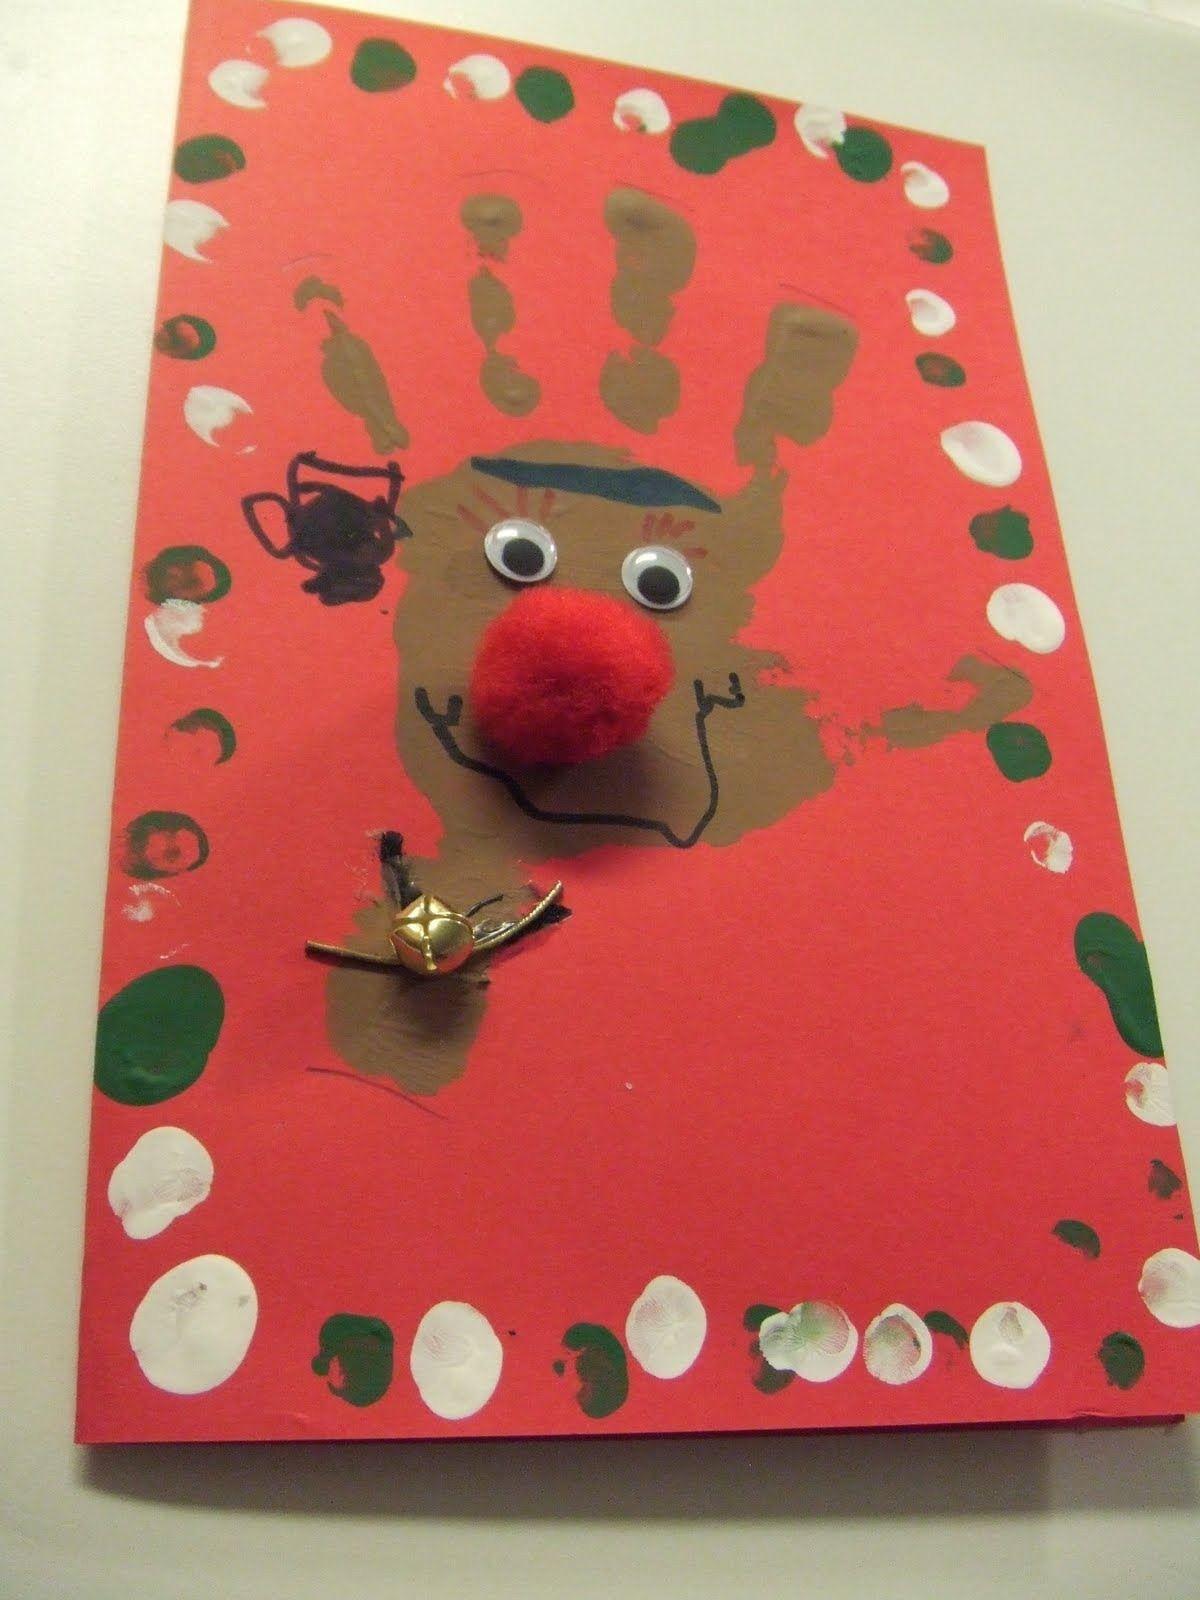 Tarjetas de navidad hechas a mano huella tarjetas y navidad - Tarjeta de navidad manualidades ...